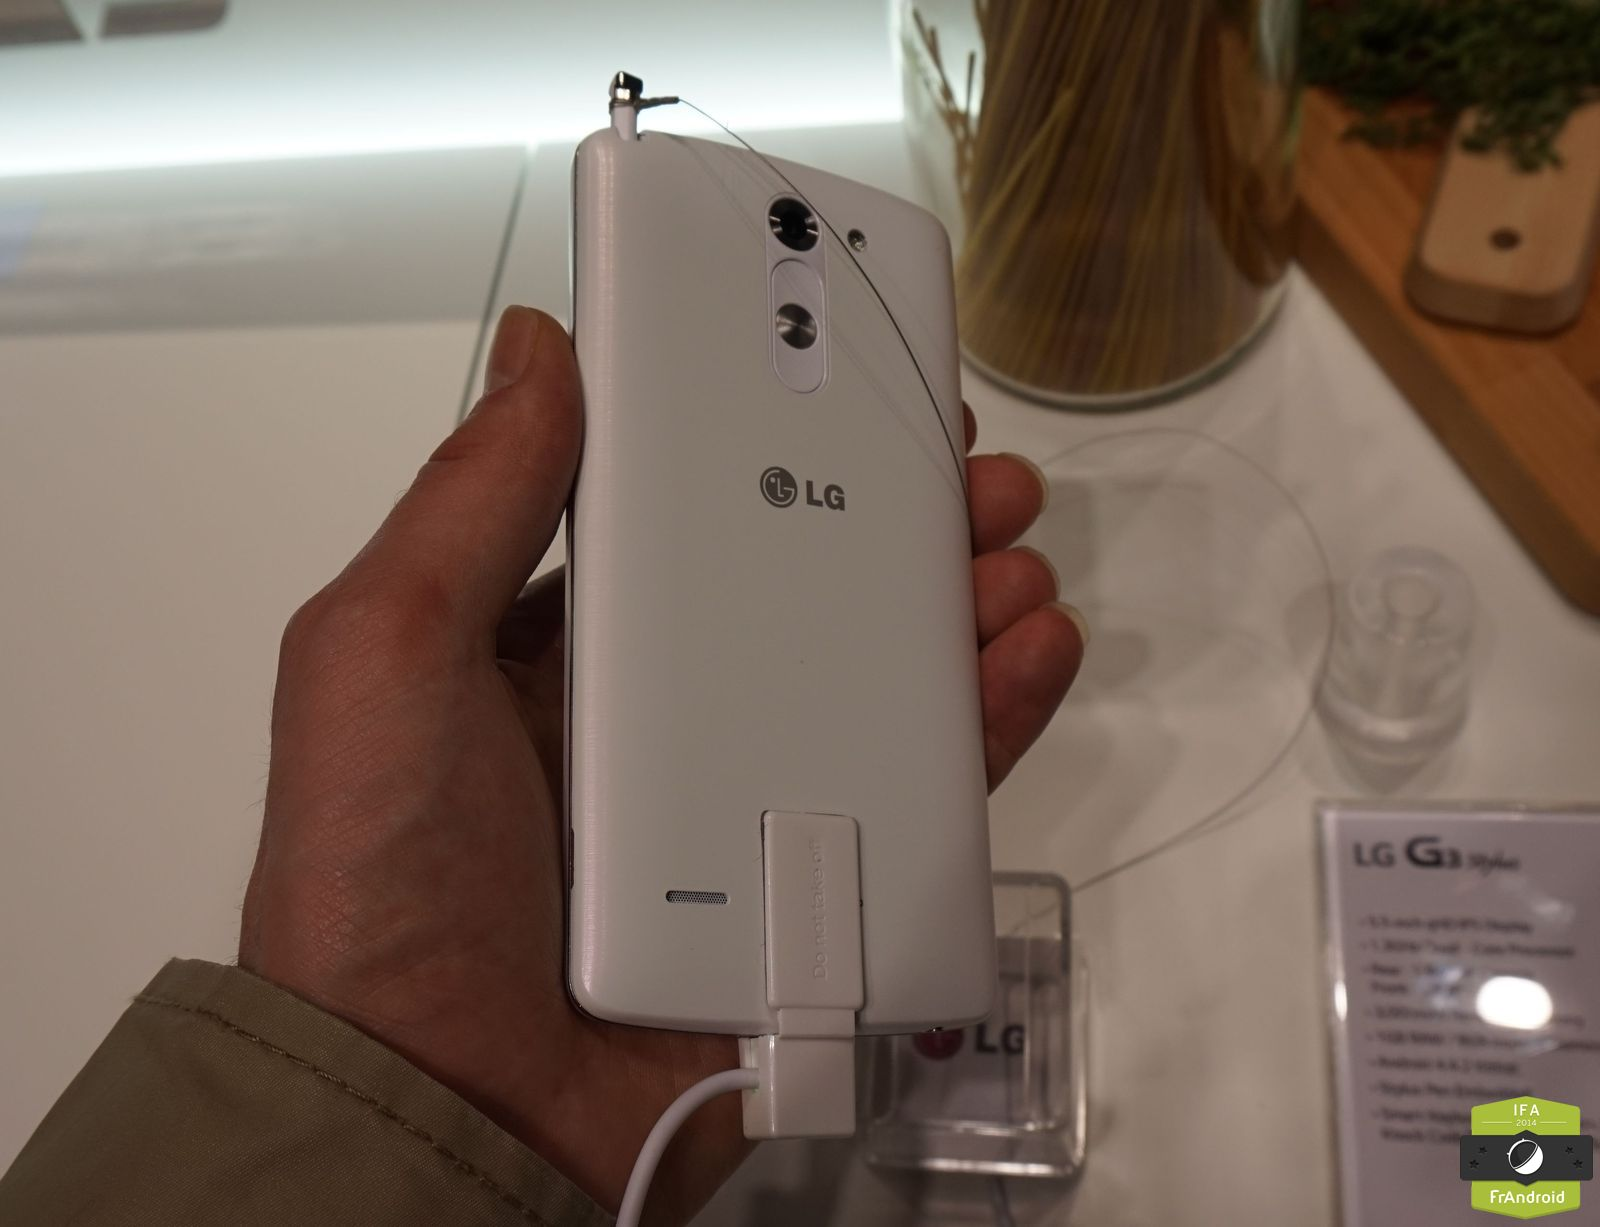 Le LG G3 Stylus Na Pas Encore De Date Sortie Precise En France Ni Meme Prix Semble Vouloir Positionner Comme Une Alternative Low Cost Face Au